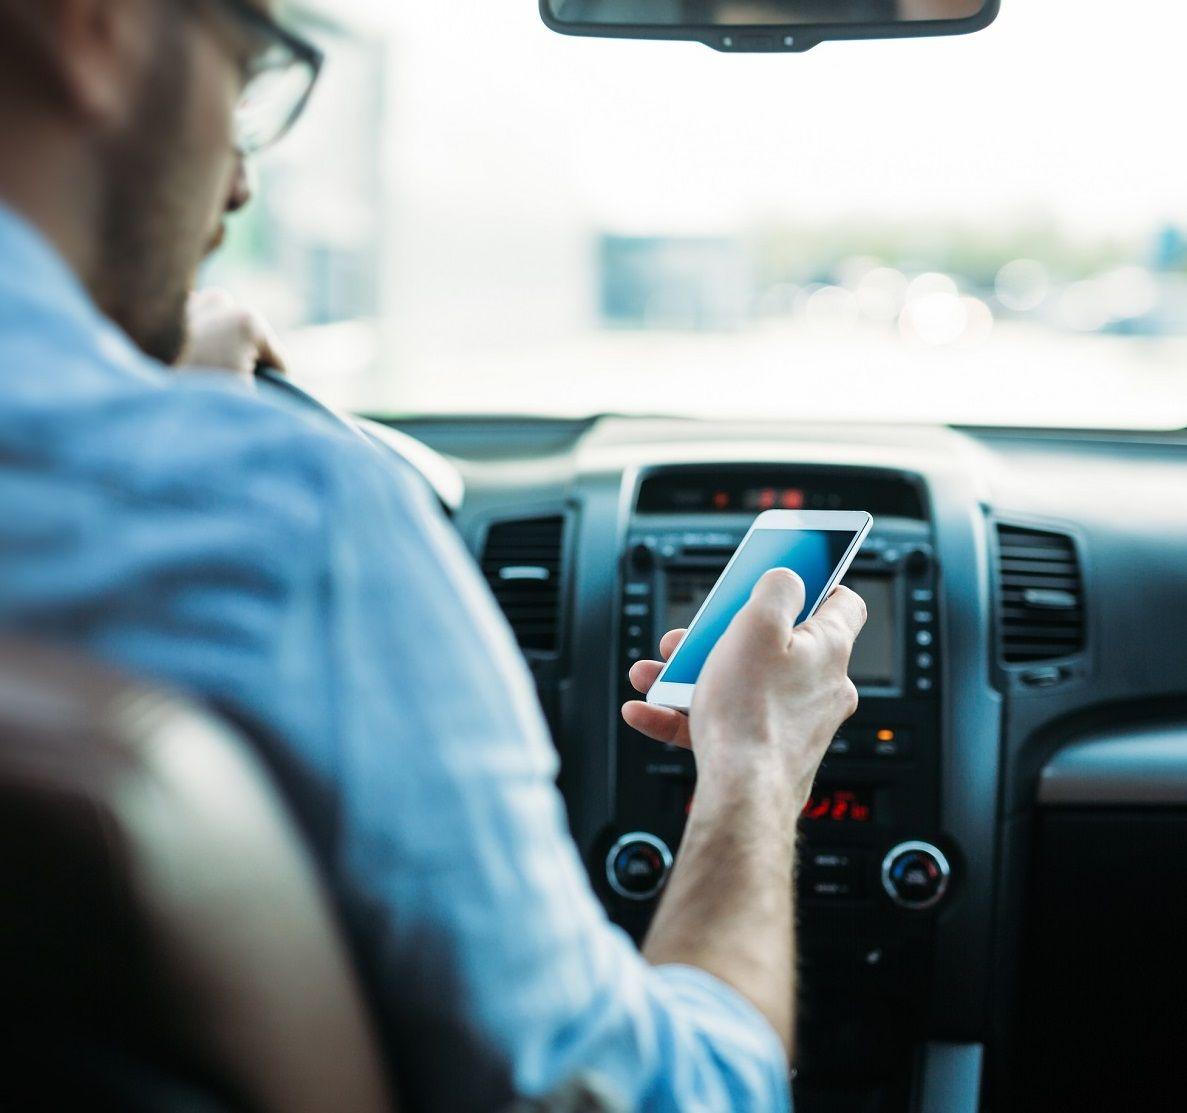 Un 34% de los conductores mira compulsivamente el móvil mientras conduce